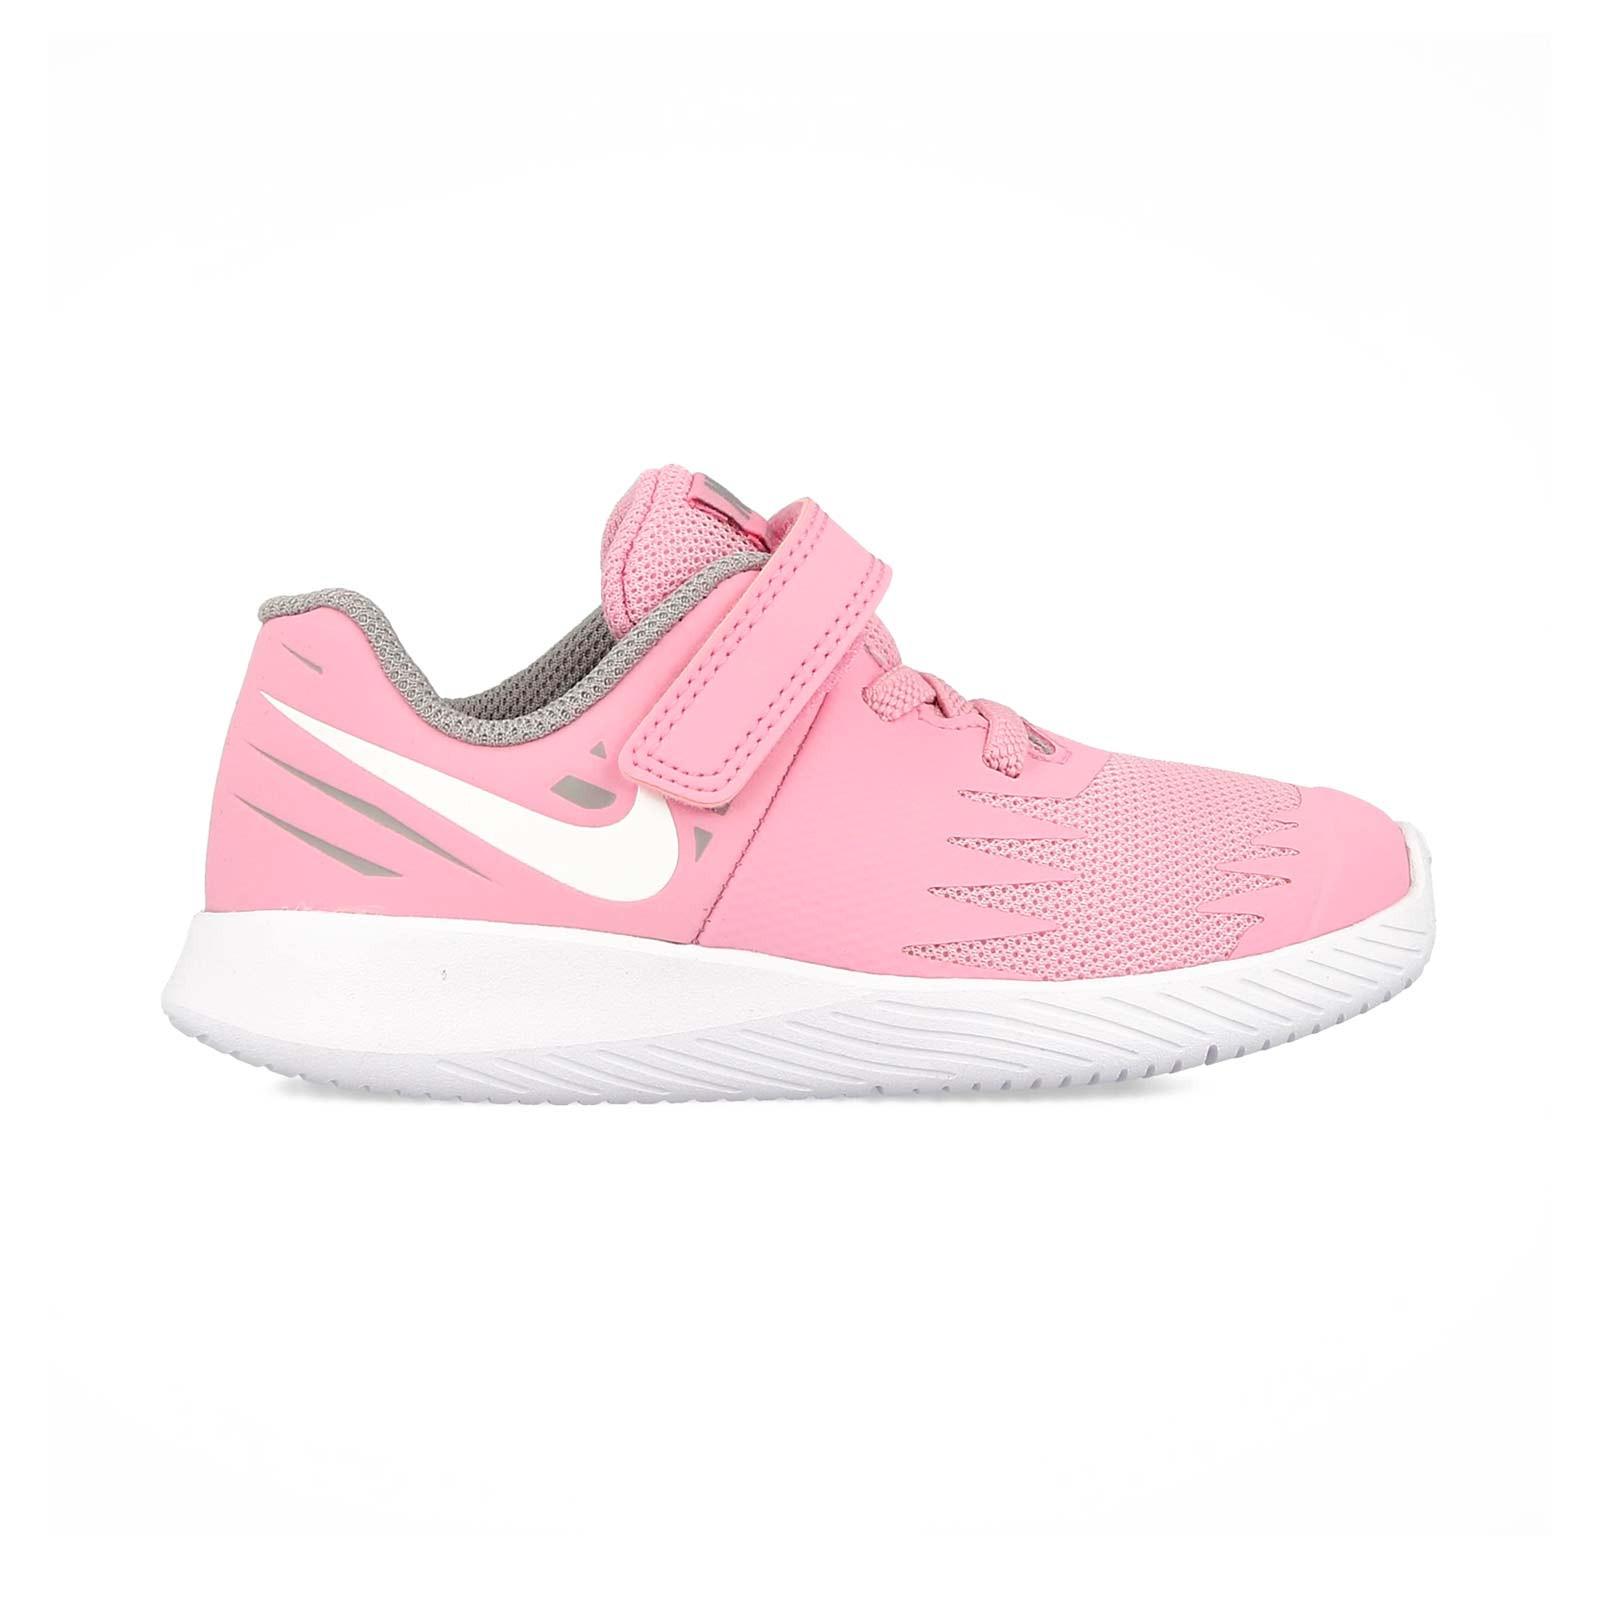 preocuparse perdonado Económico  Zapatillas Nike Star Runner Gtv Running para Niña | Runa Store